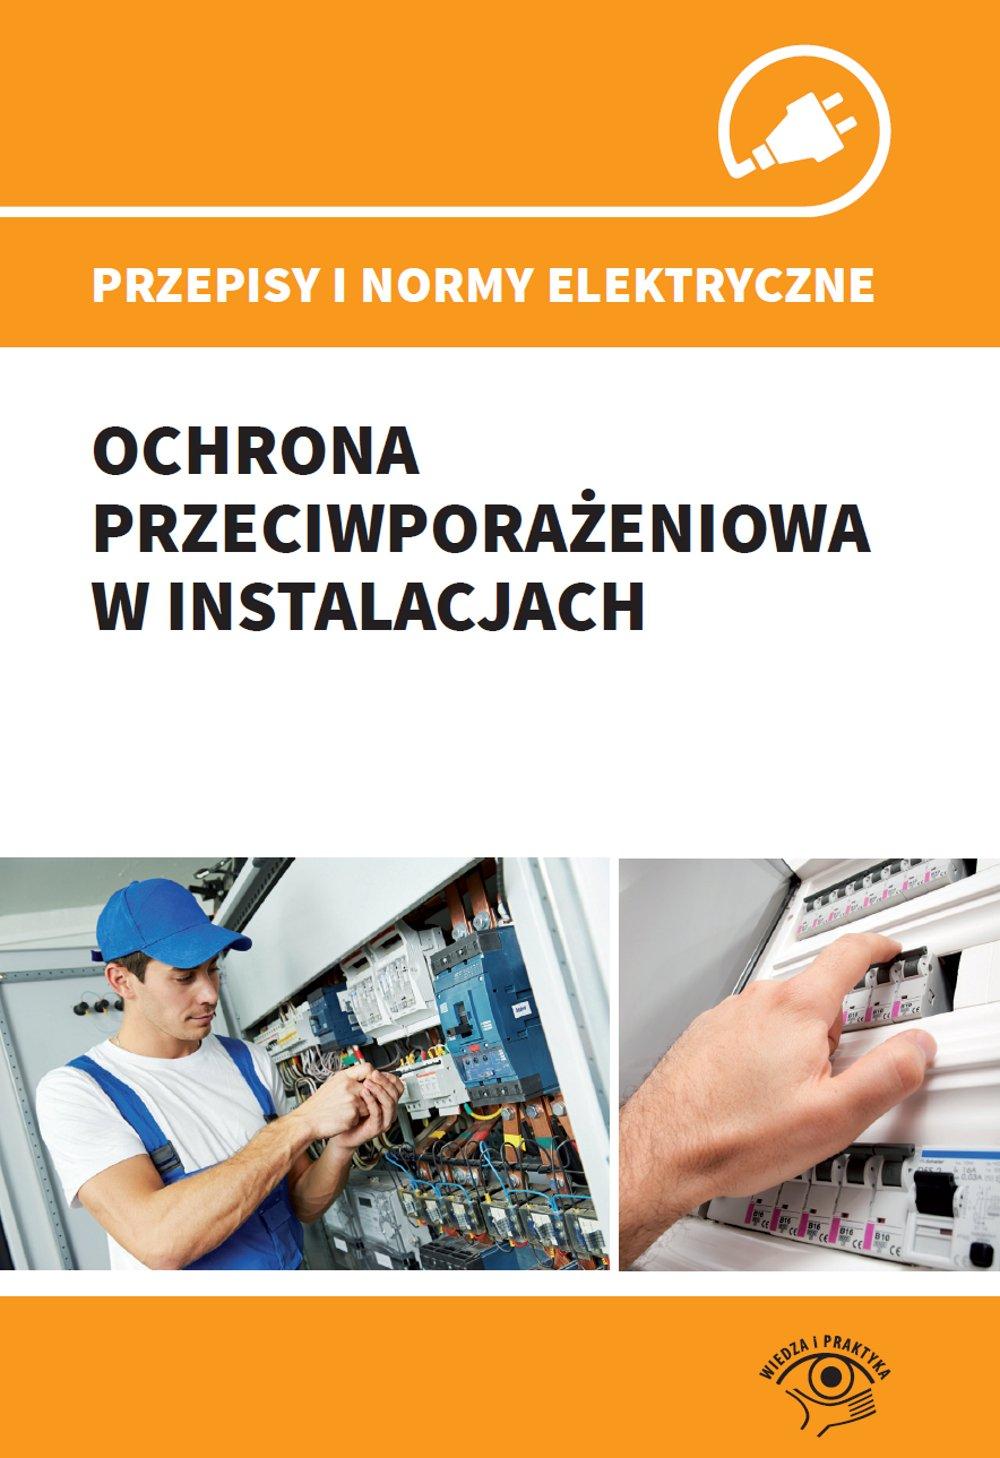 Przepisy i normy elektryczne - ochrona przeciwporażeniowa w instalacjach - Ebook (Książka PDF) do pobrania w formacie PDF